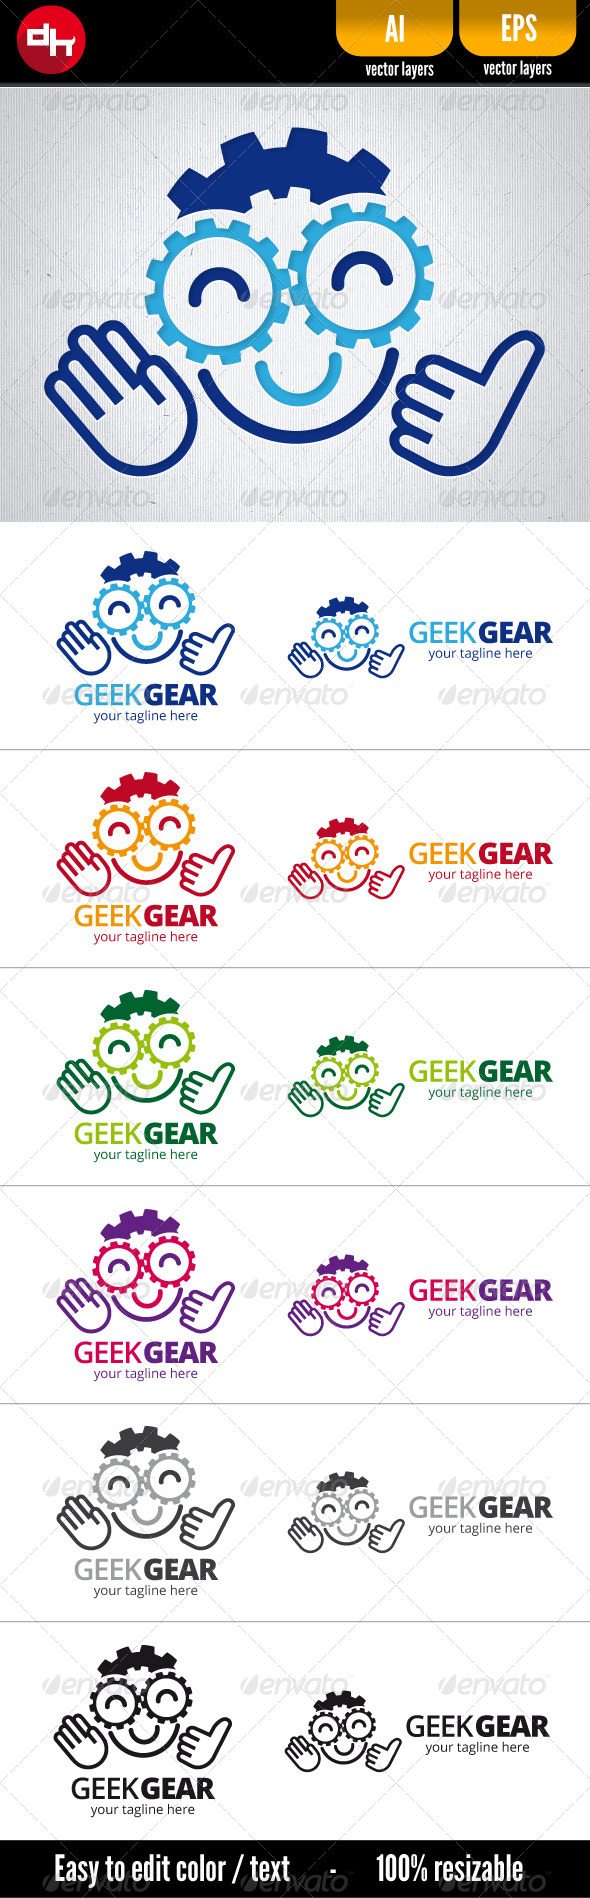 GraphicRiver Geek Gear 5891105